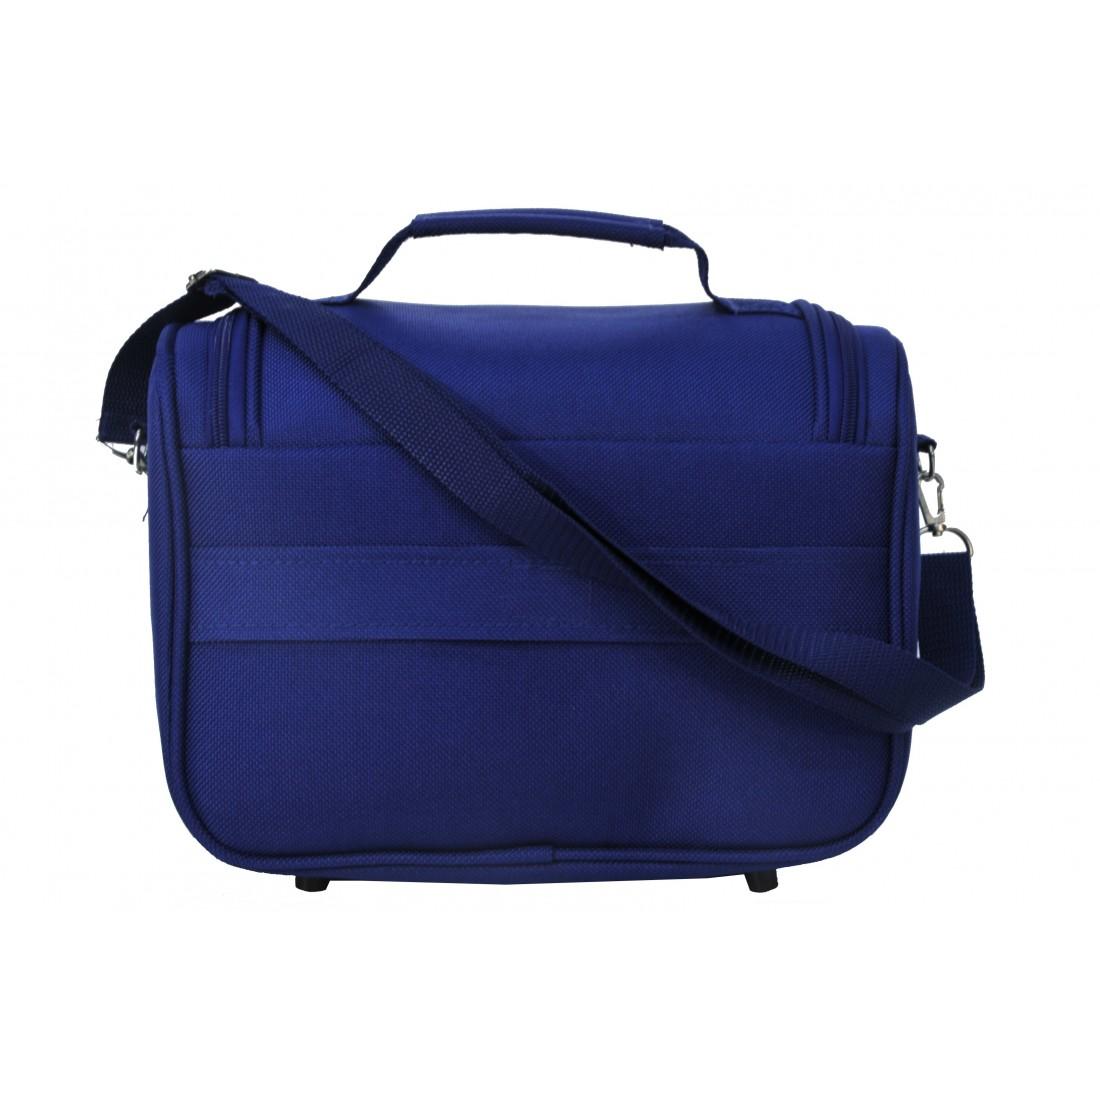 Kuferek Niebieski premium - plecak-tornister.pl